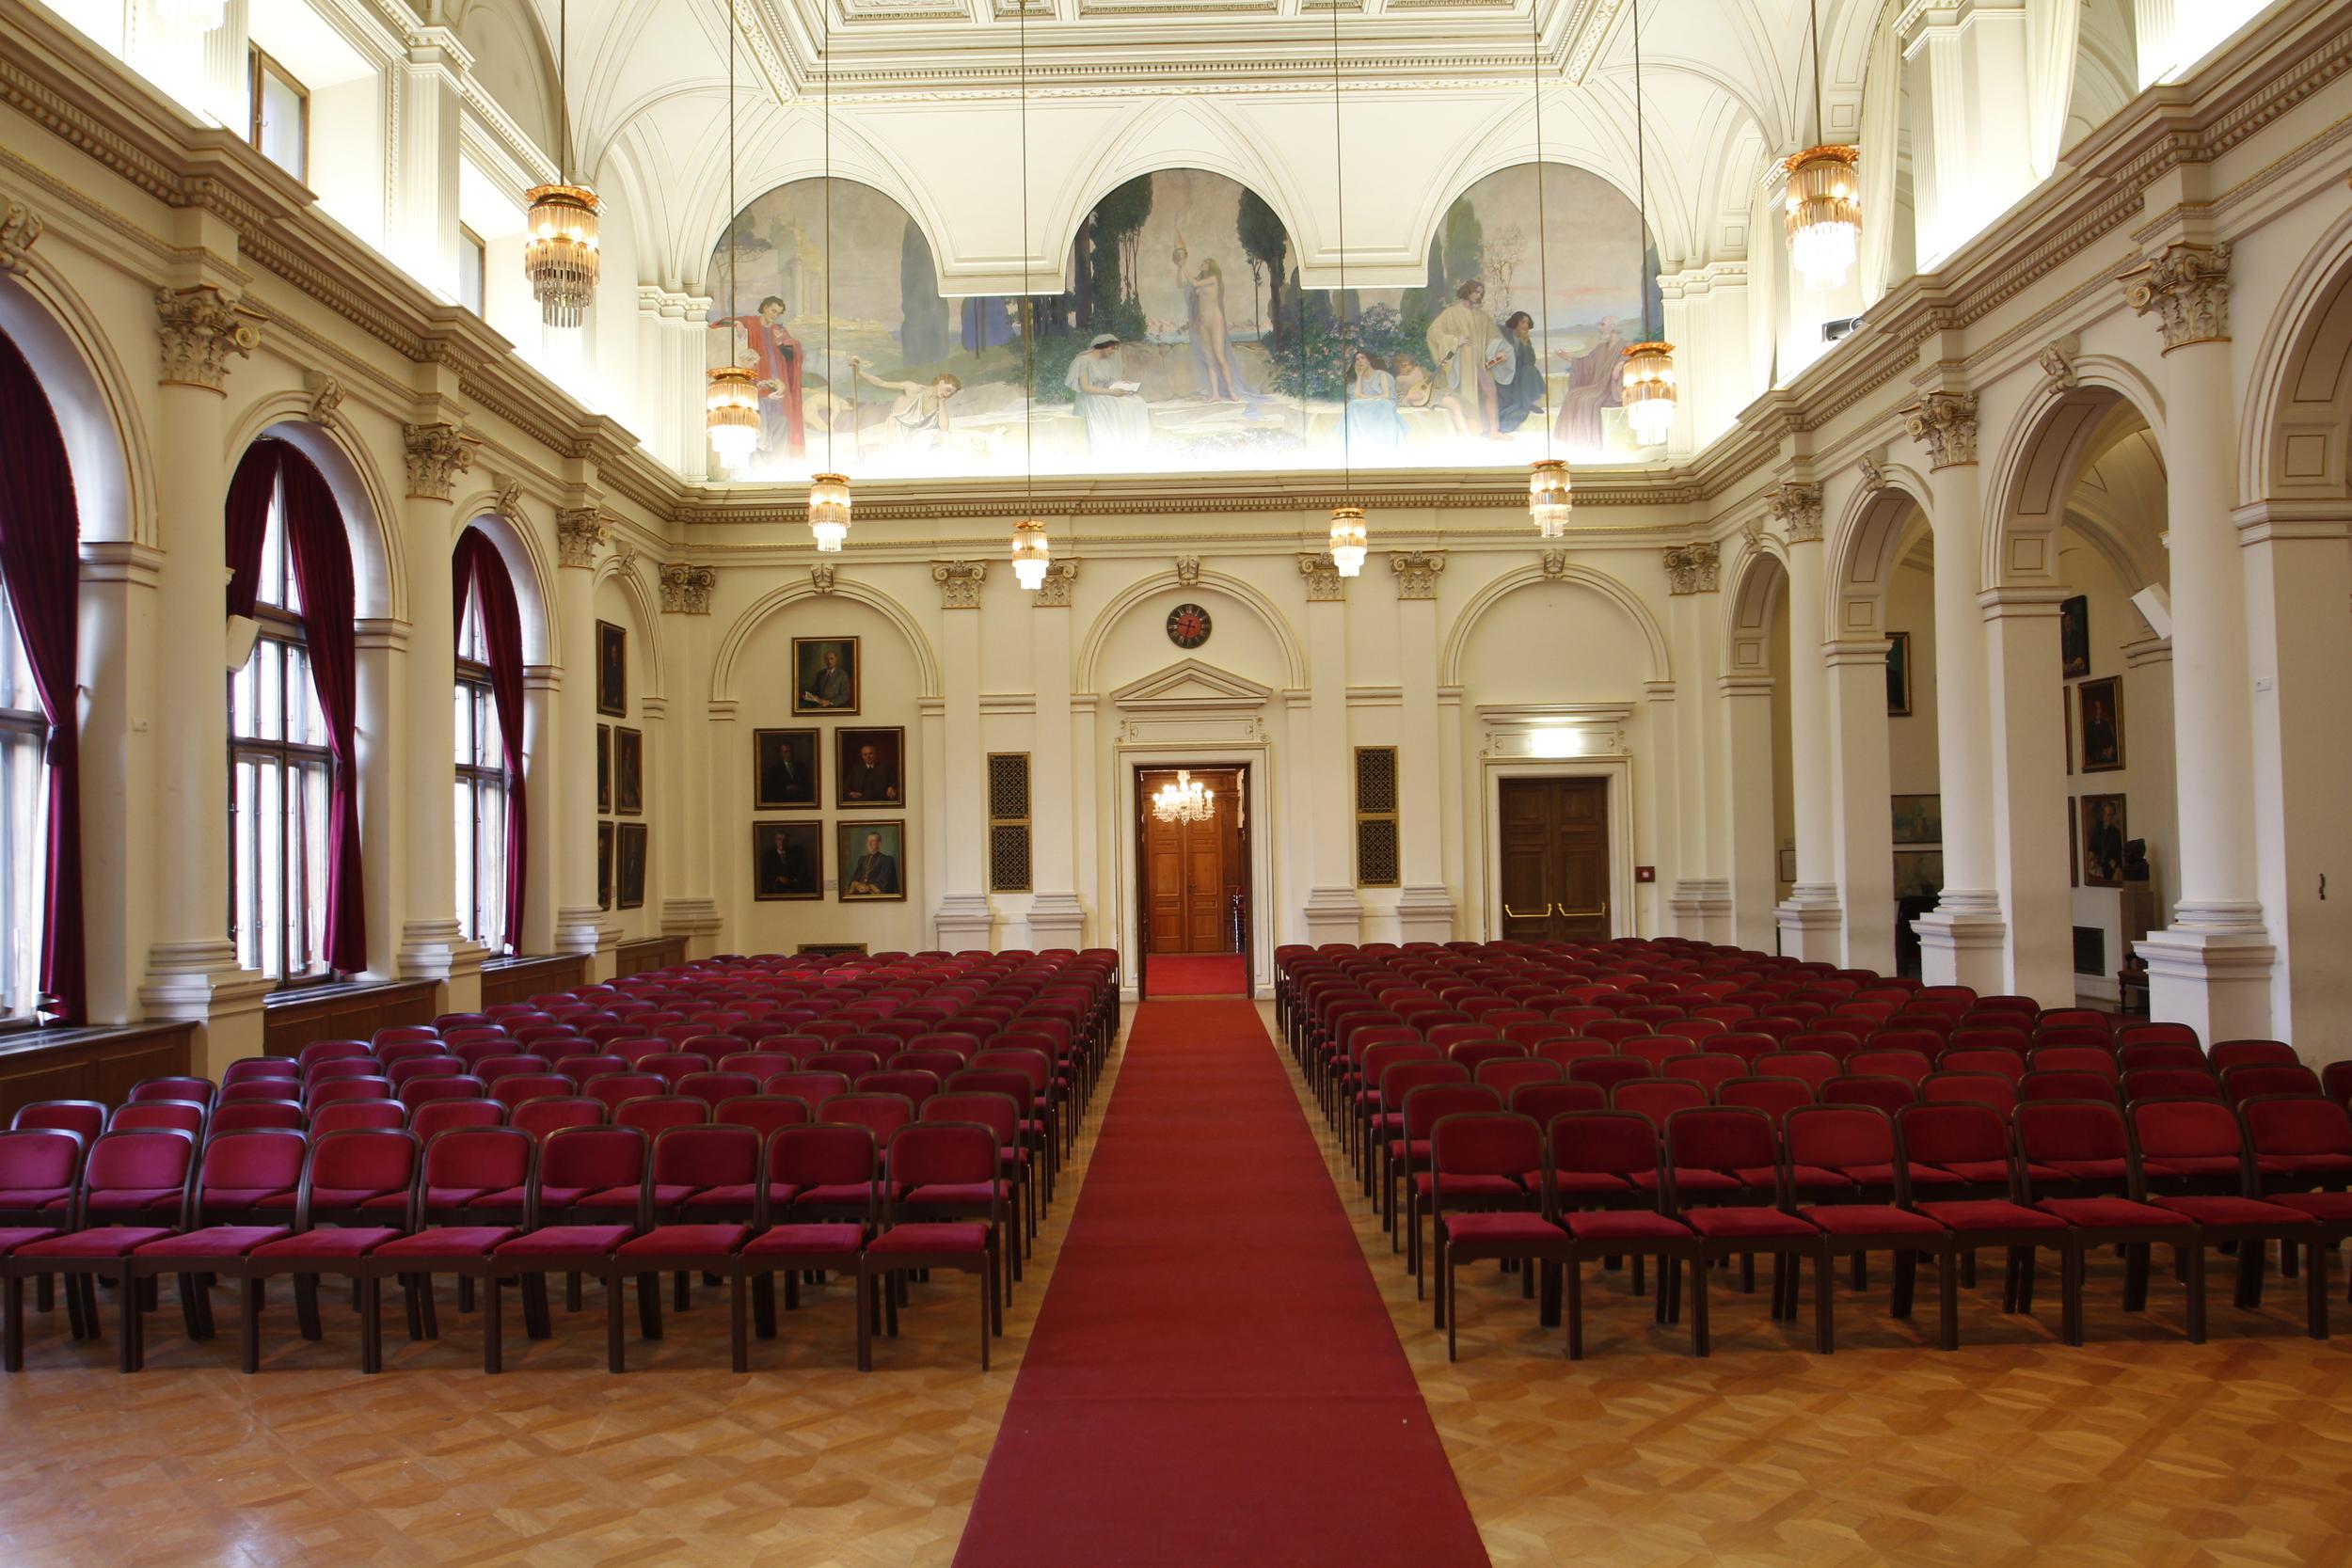 Aula der Karl Franzens Universität Graz